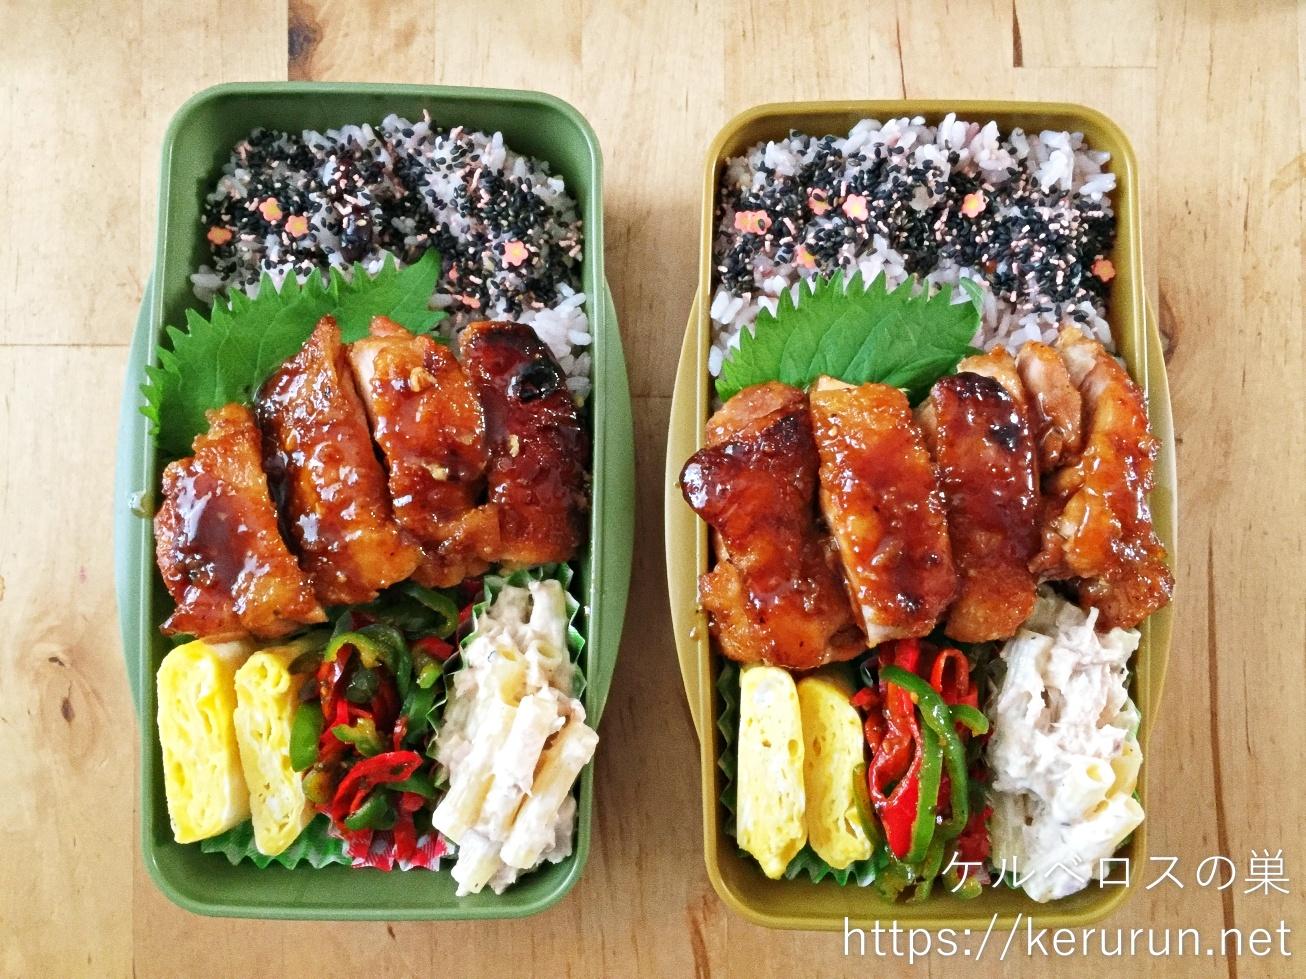 さくらどりもも肉で作る鶏の照り焼き弁当